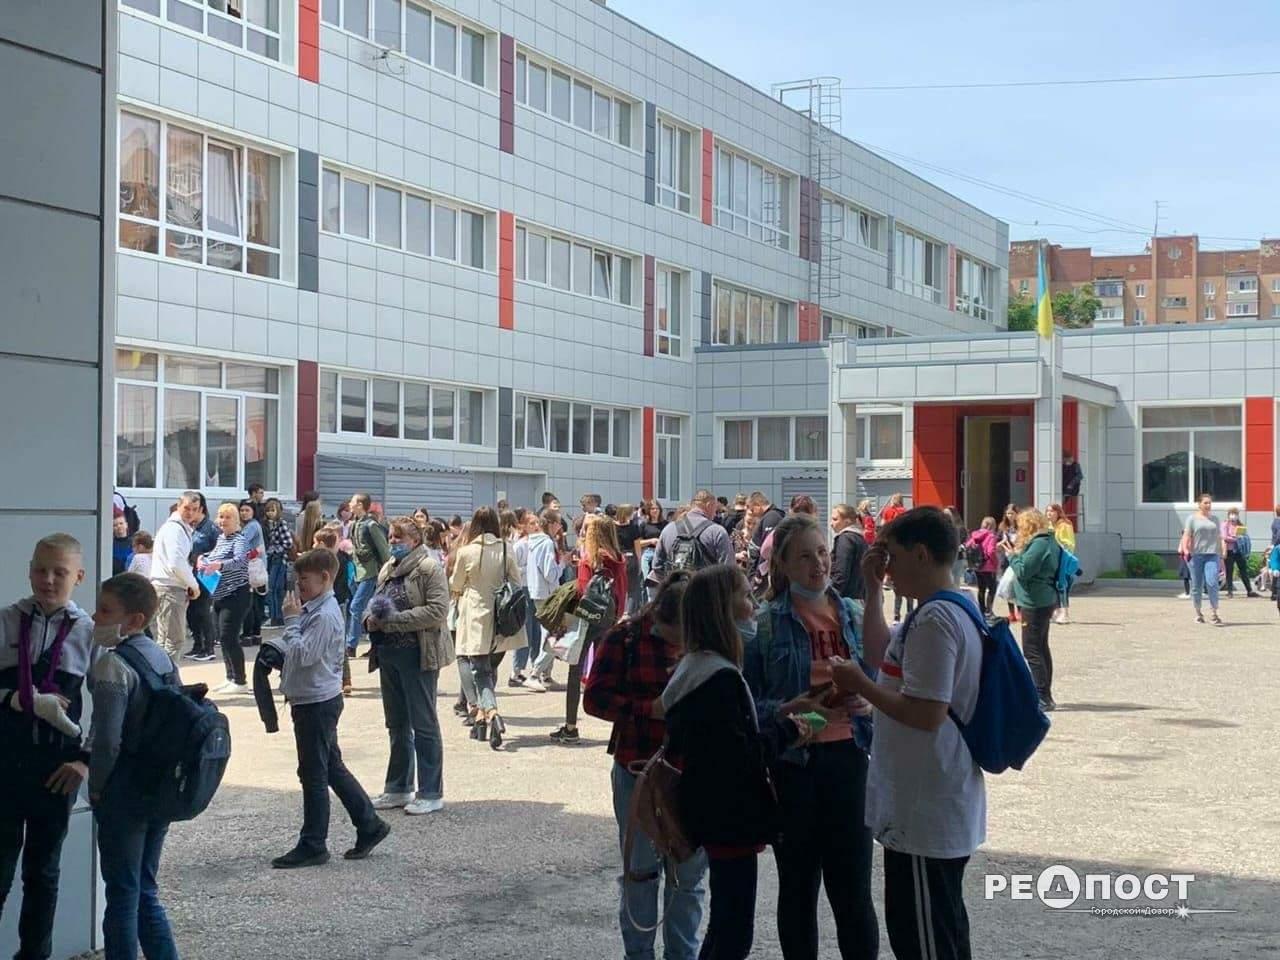 Учениця розпорошила перцевий балончик у школі Харкова: евакуювали 750 дітей